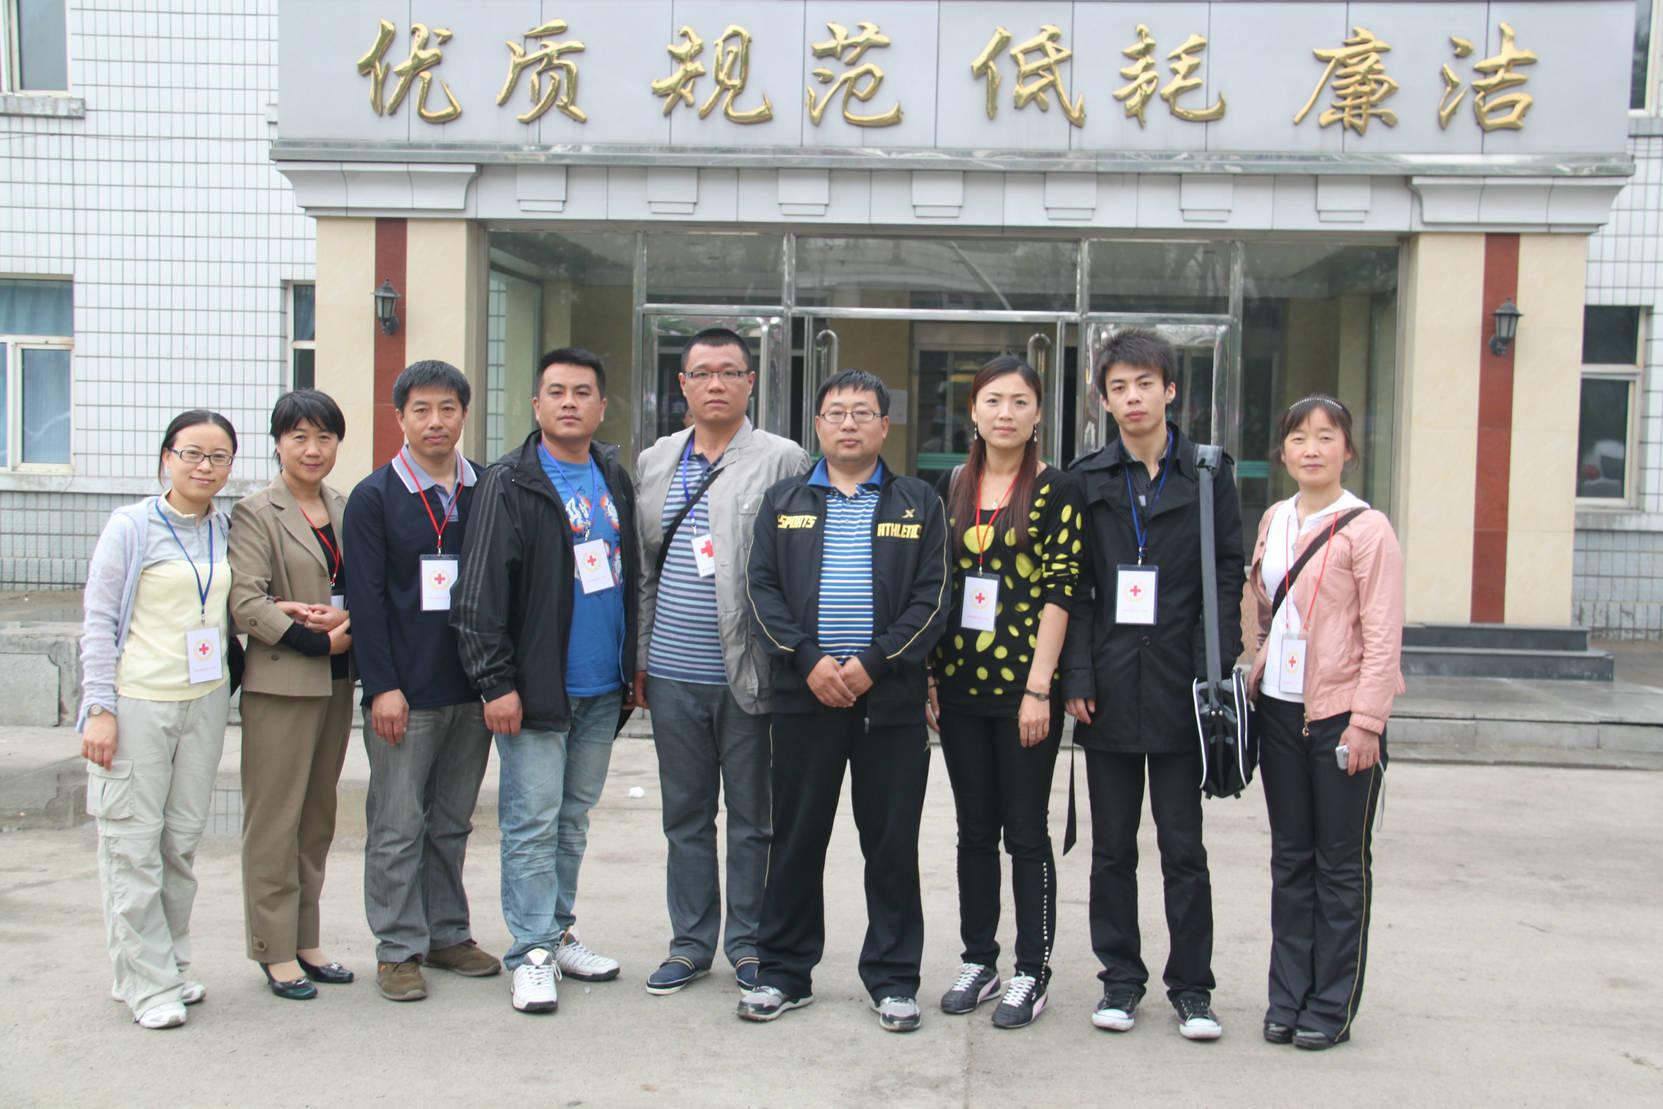 汤原县红十字会东林慈善志愿者在佳木斯市二二四医院住院处门前